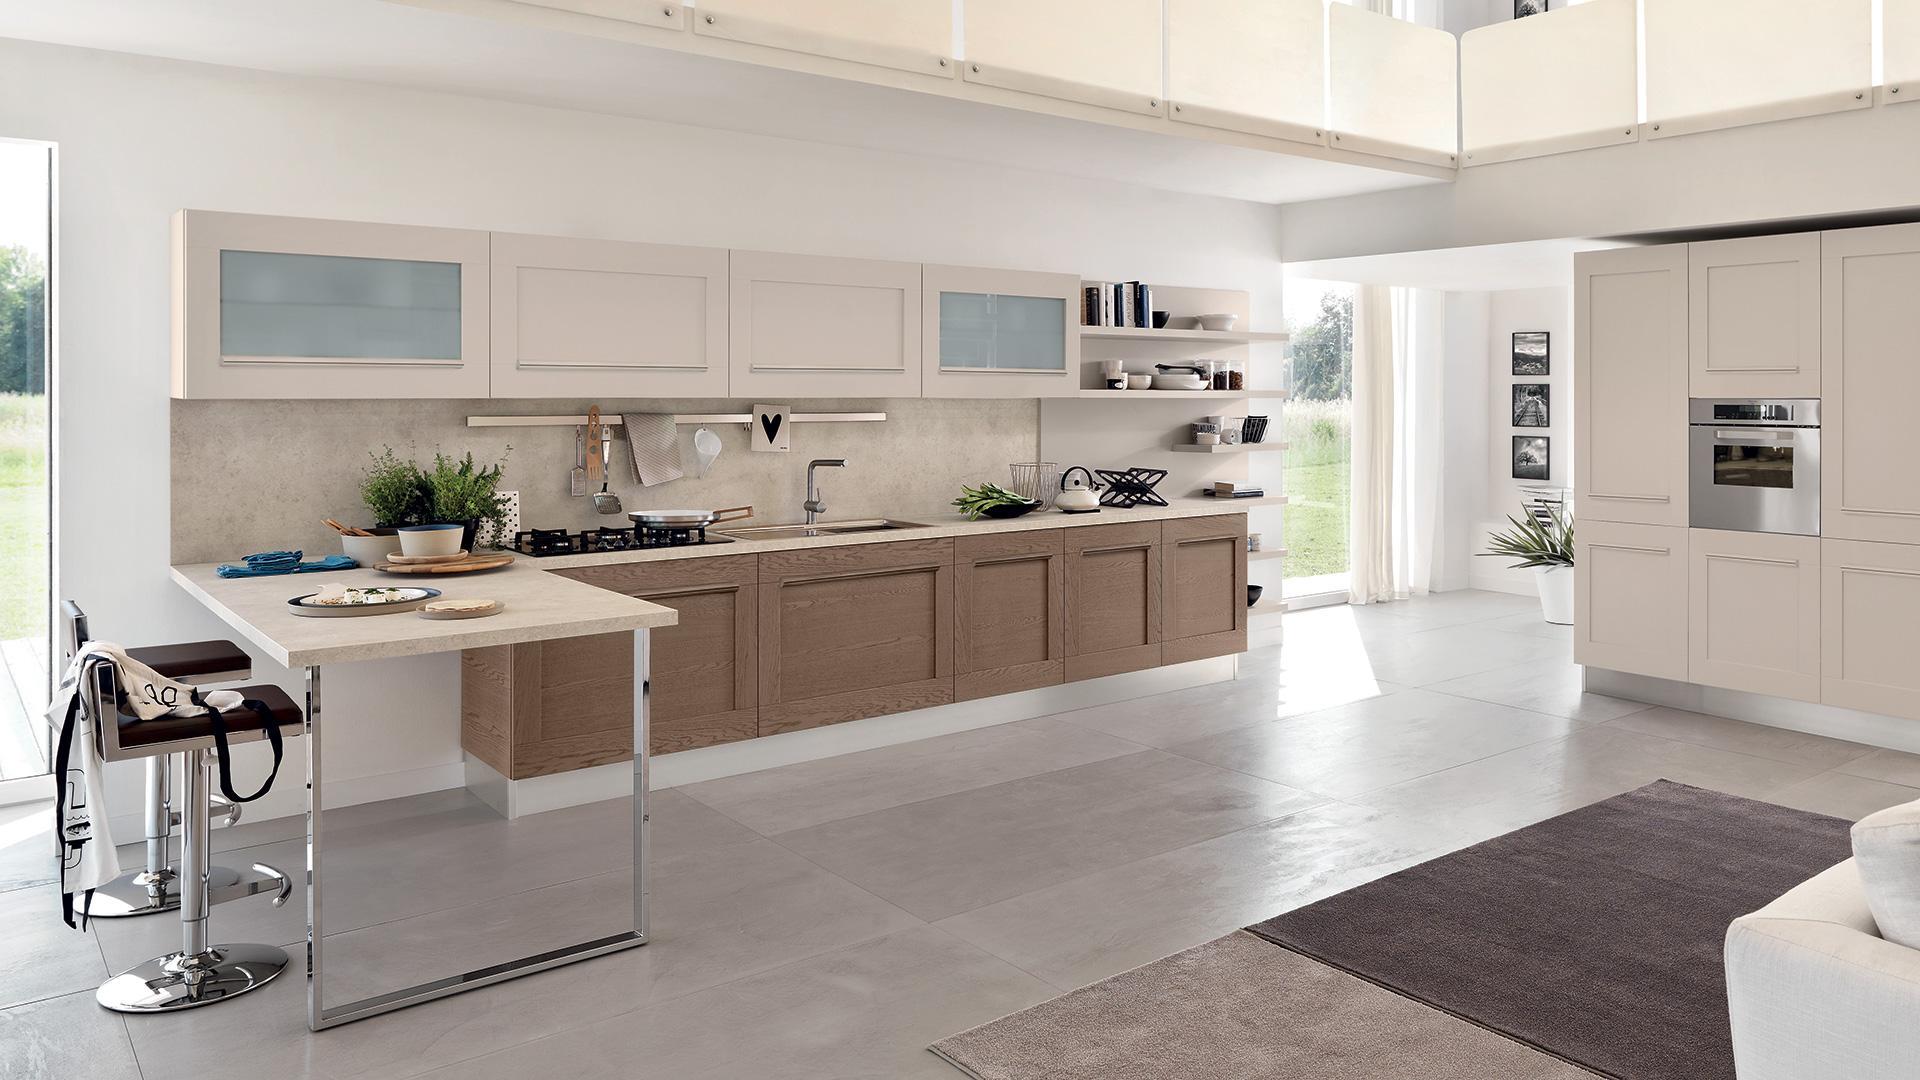 Gallery cucina lube - In cucina con pippo de agostini ...